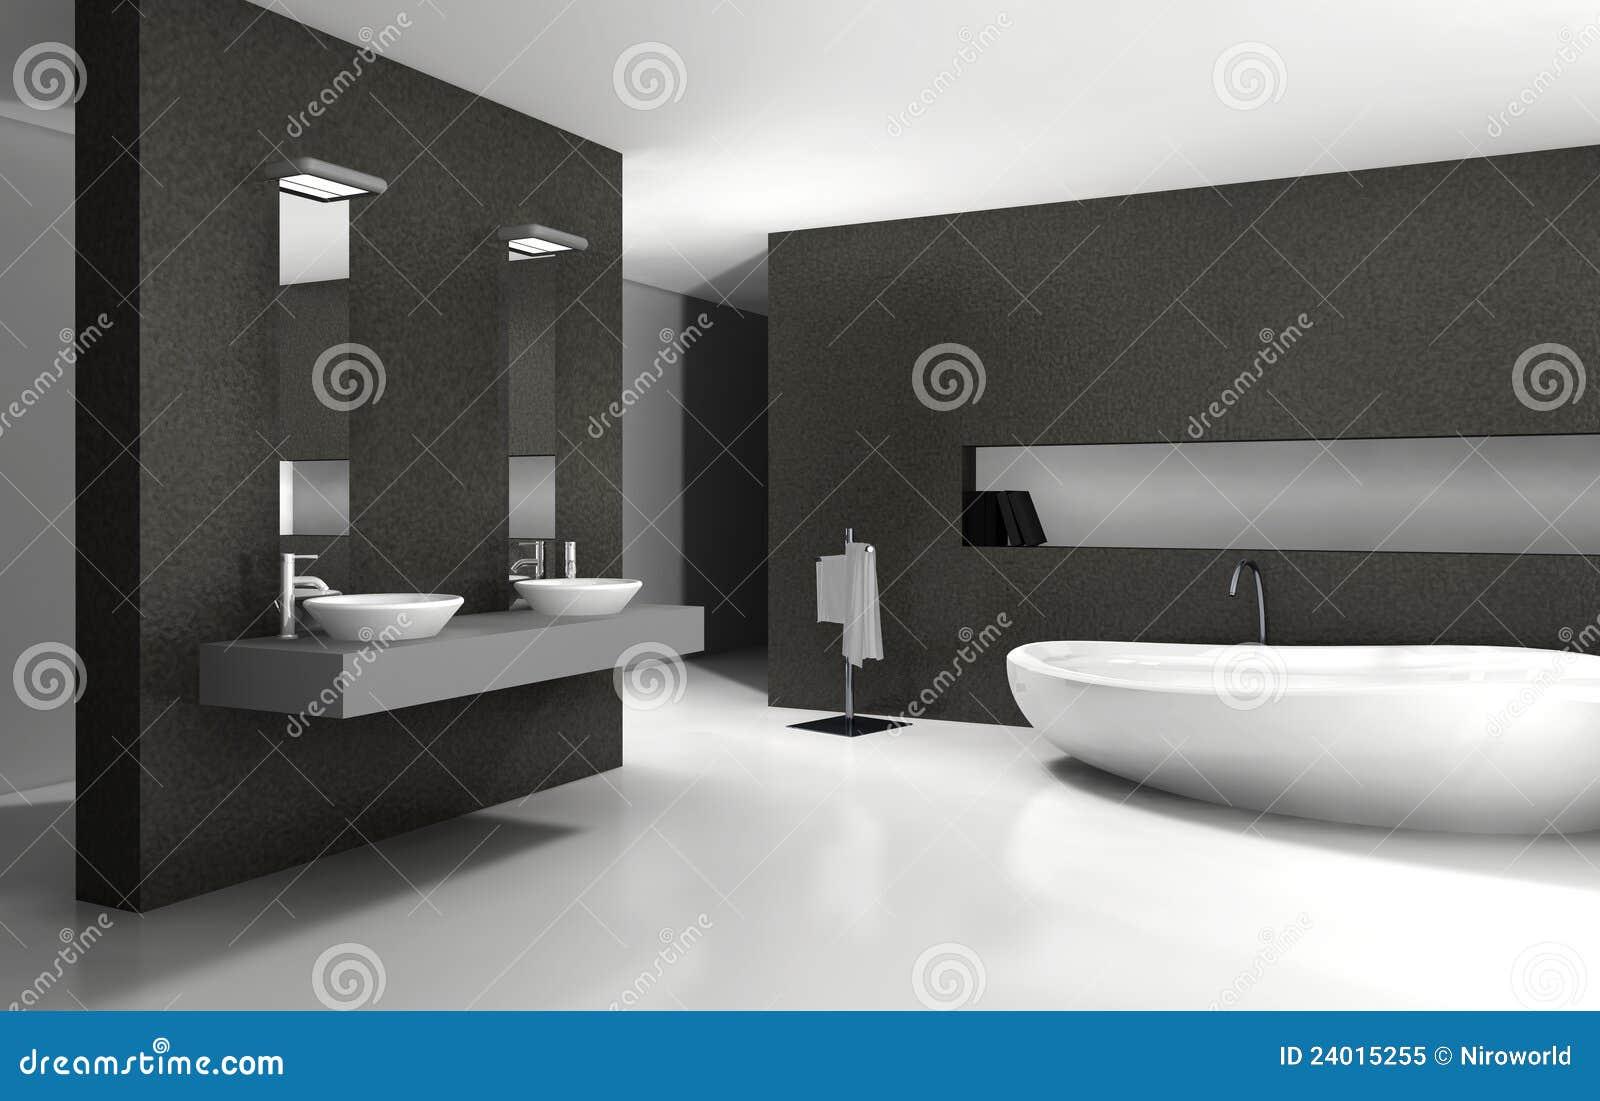 Superior Badezimmer Innenarchitektur